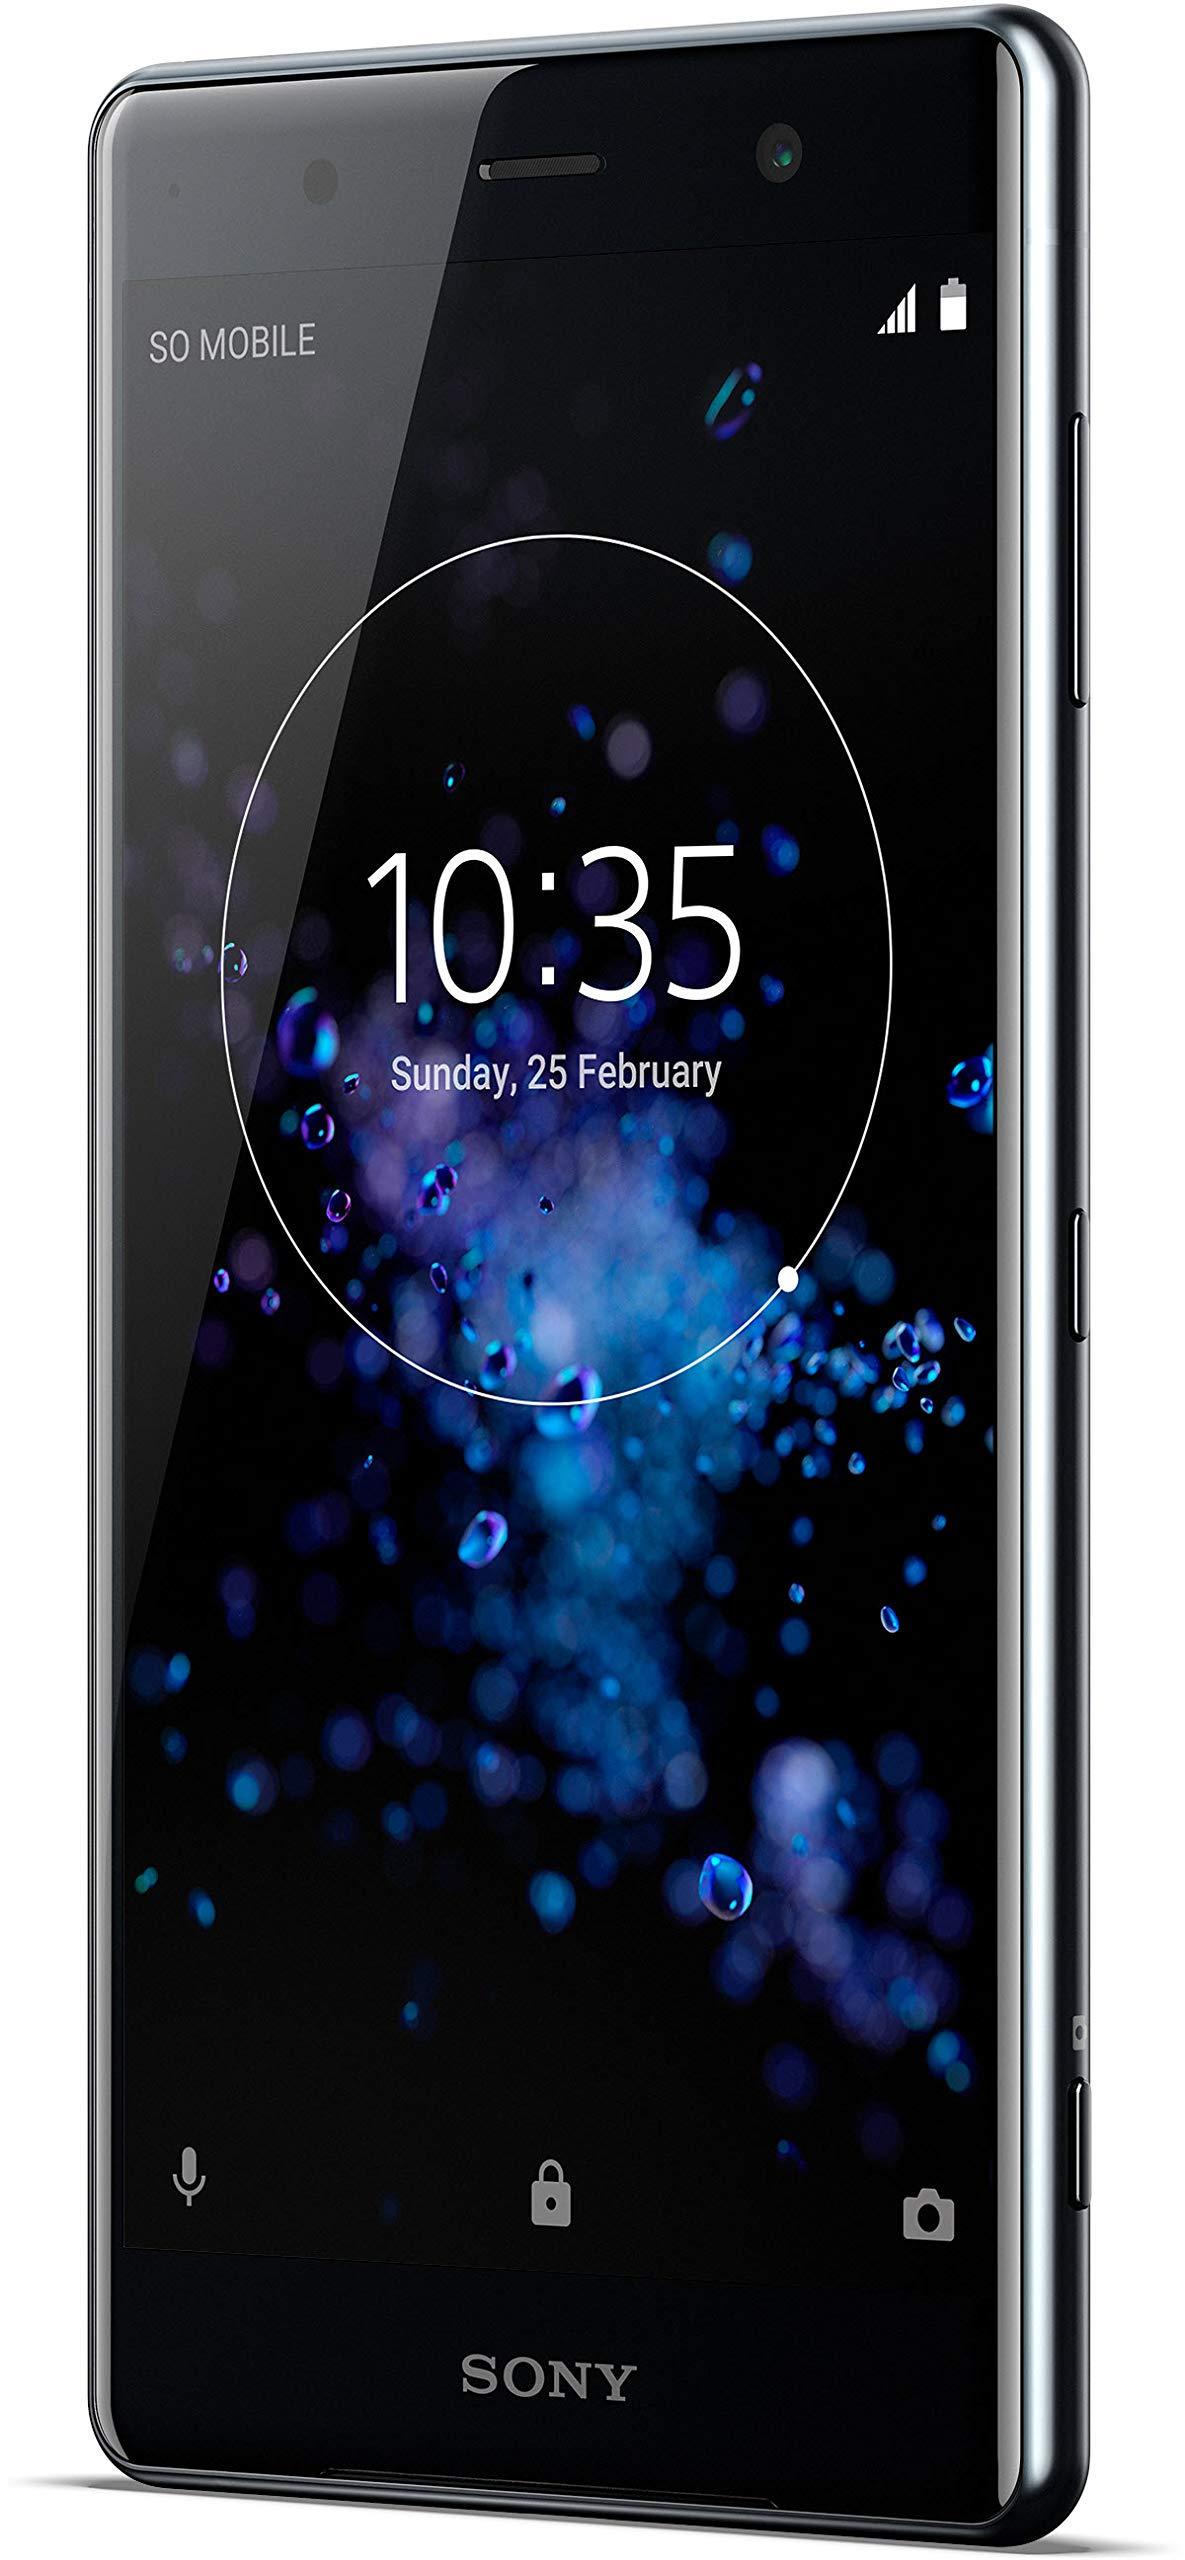 Sony Xperia XZ2 Smartphone Premium (Pantalla Triluminos HDR 4K de 14,7 cm (5,8 Pulgadas)), Negro + Tarjeta de Memoria de 64 GB: Amazon.es: Electrónica